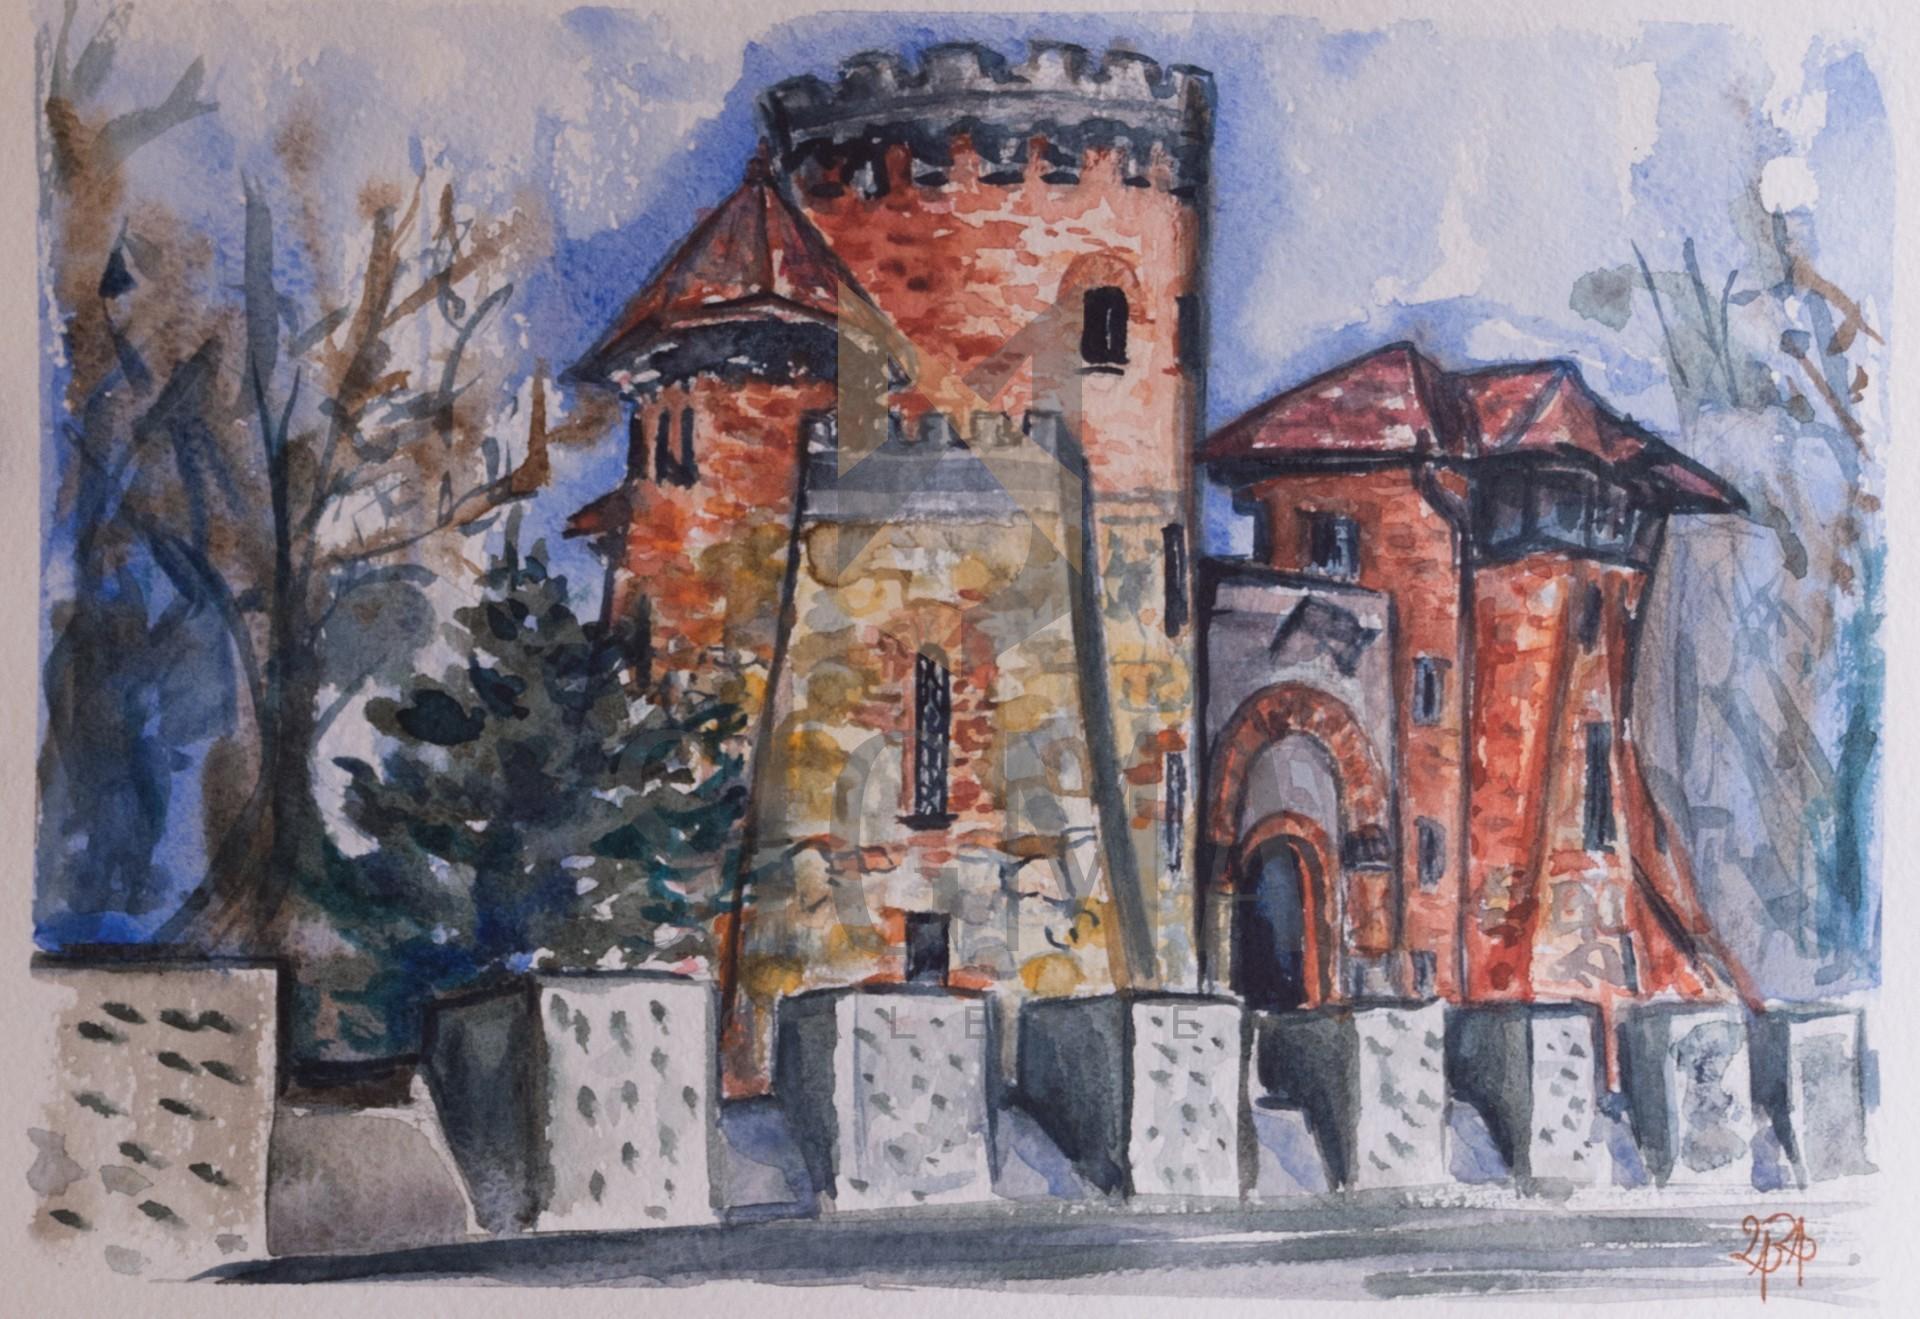 Tablou, Laura Tudorica, Castelul Tepes - Parcul Carol, acuarela si tus, 21x30 cm